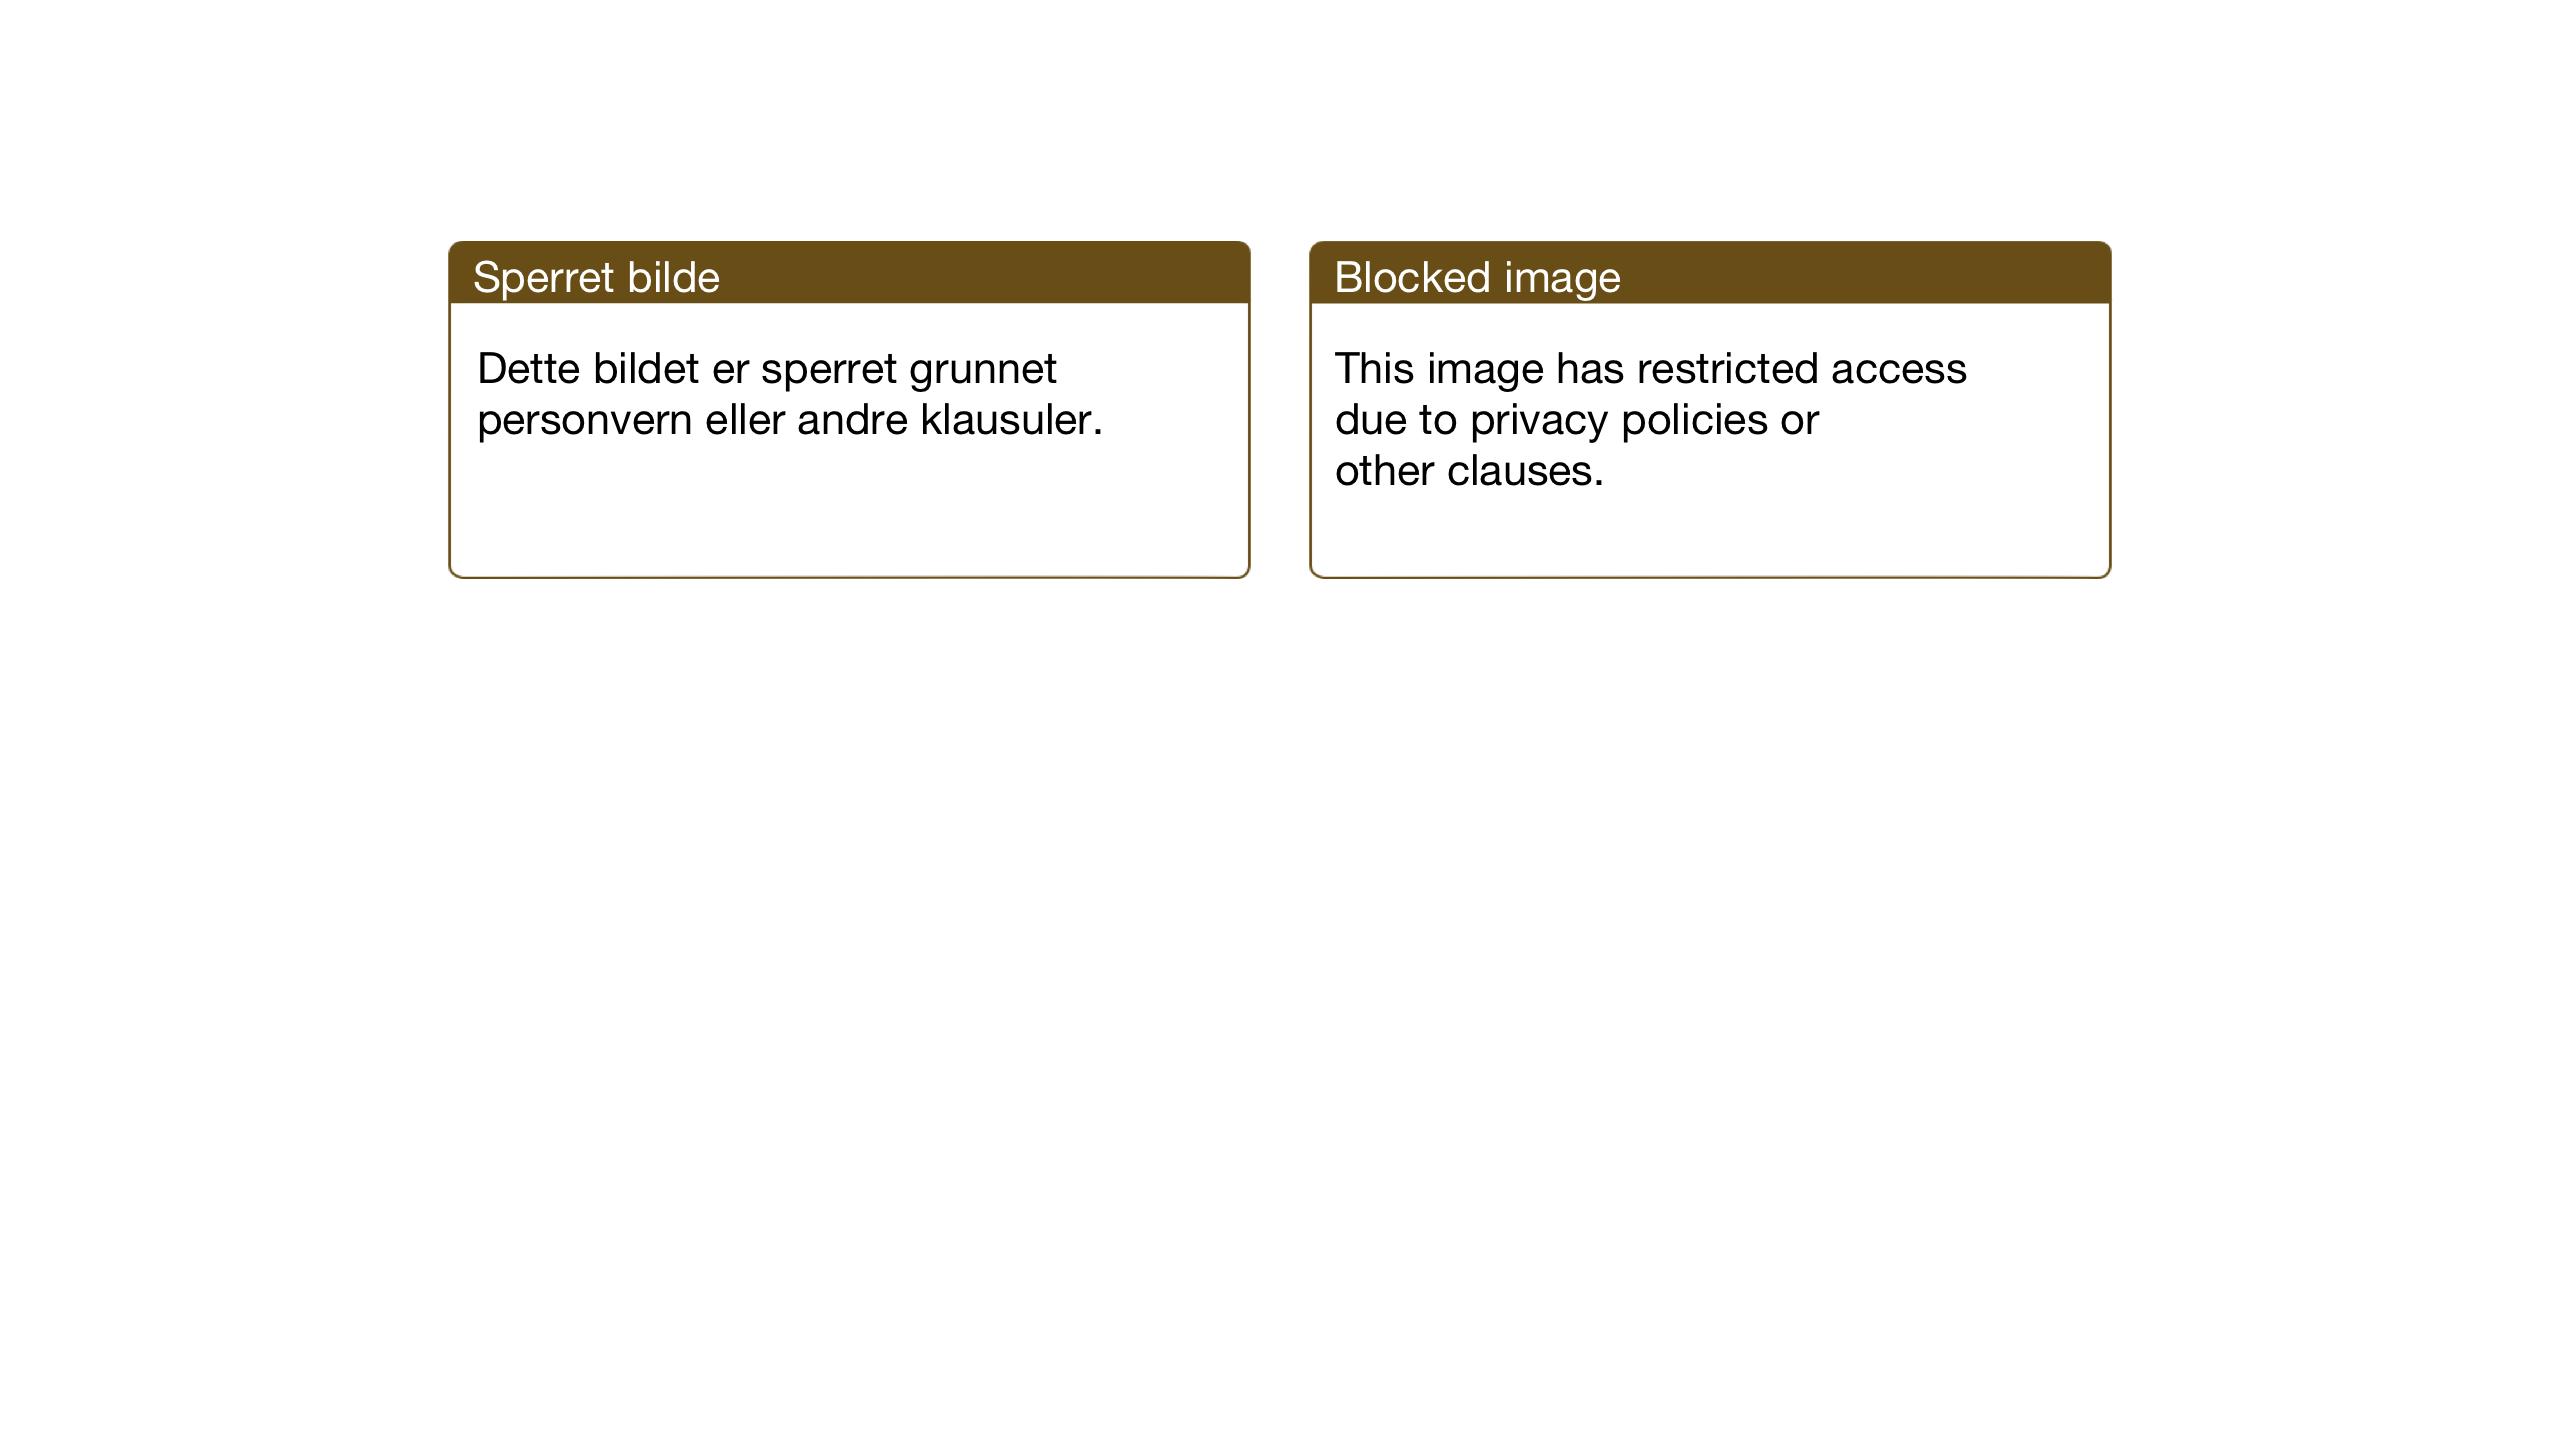 SAT, Ministerialprotokoller, klokkerbøker og fødselsregistre - Sør-Trøndelag, 674/L0878: Klokkerbok nr. 674C05, 1941-1950, s. 17